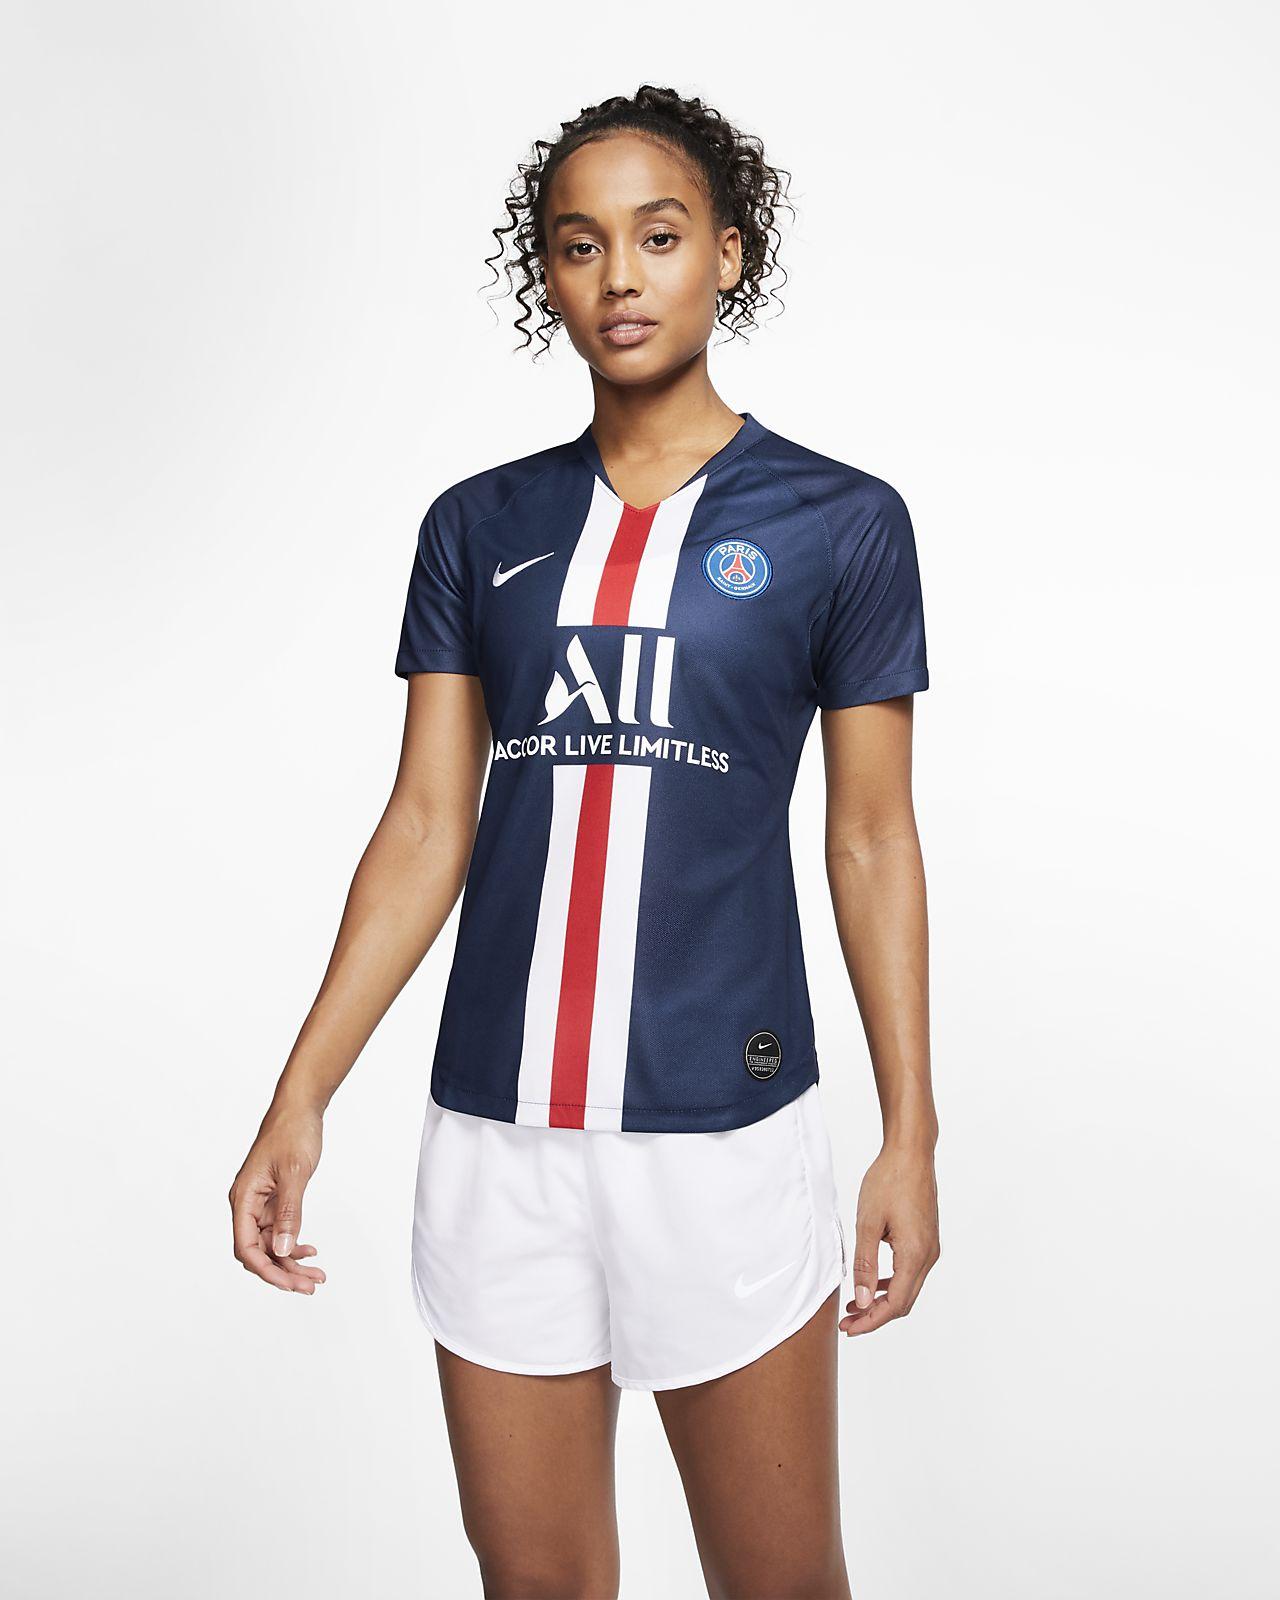 Γυναικεία ποδοσφαιρική φανέλα Paris Saint-Germain 2019/20 Stadium Home